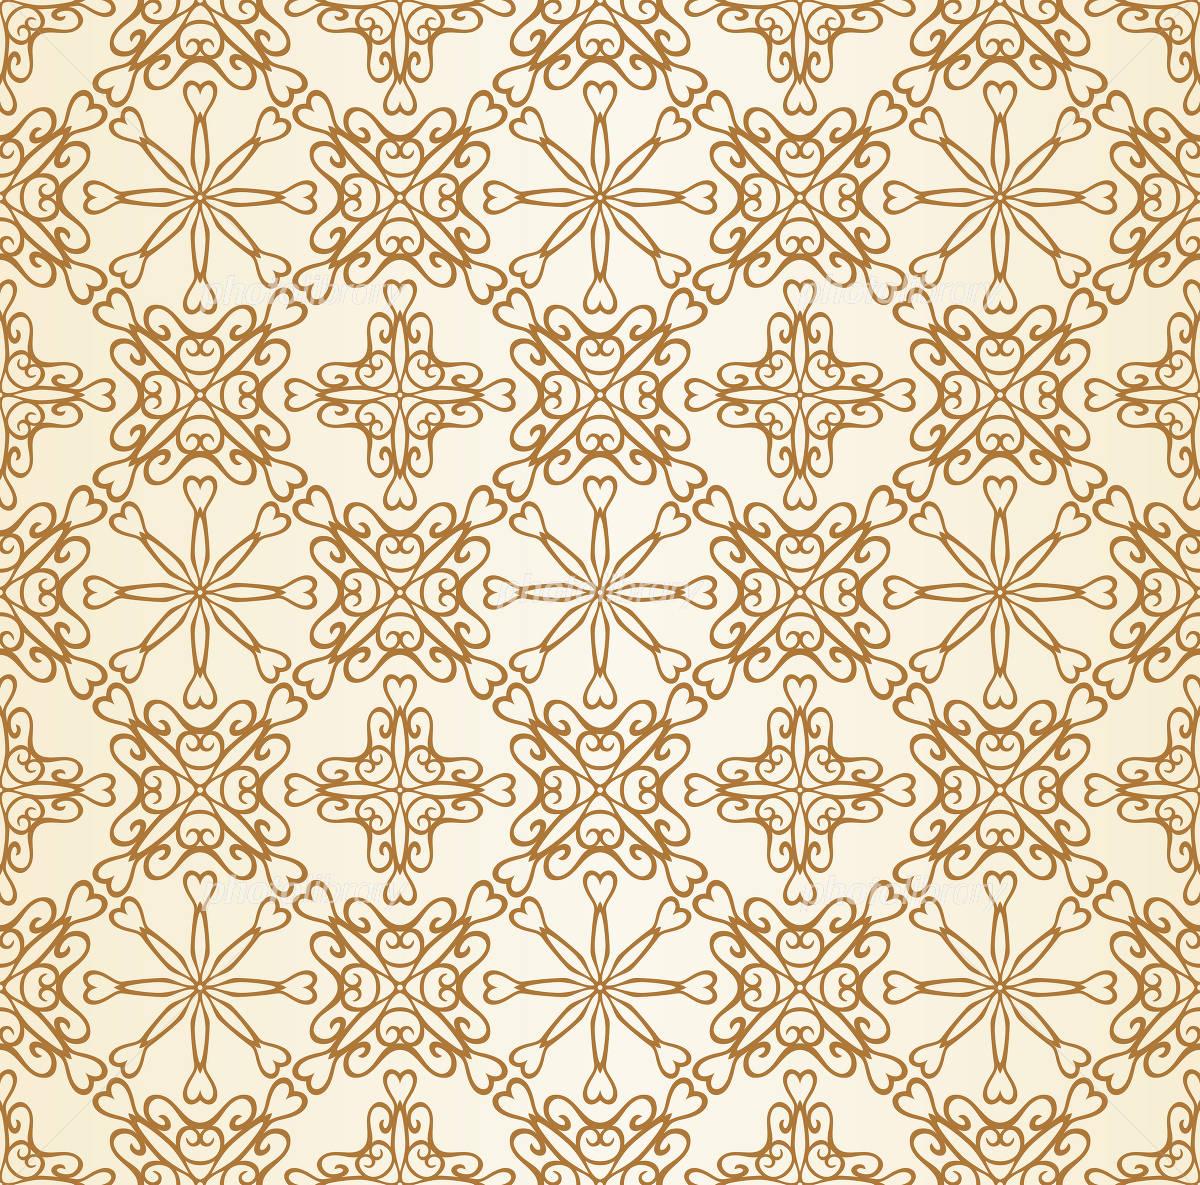 アールデコ調 壁紙 シームレス イラスト素材 1679040 フォト